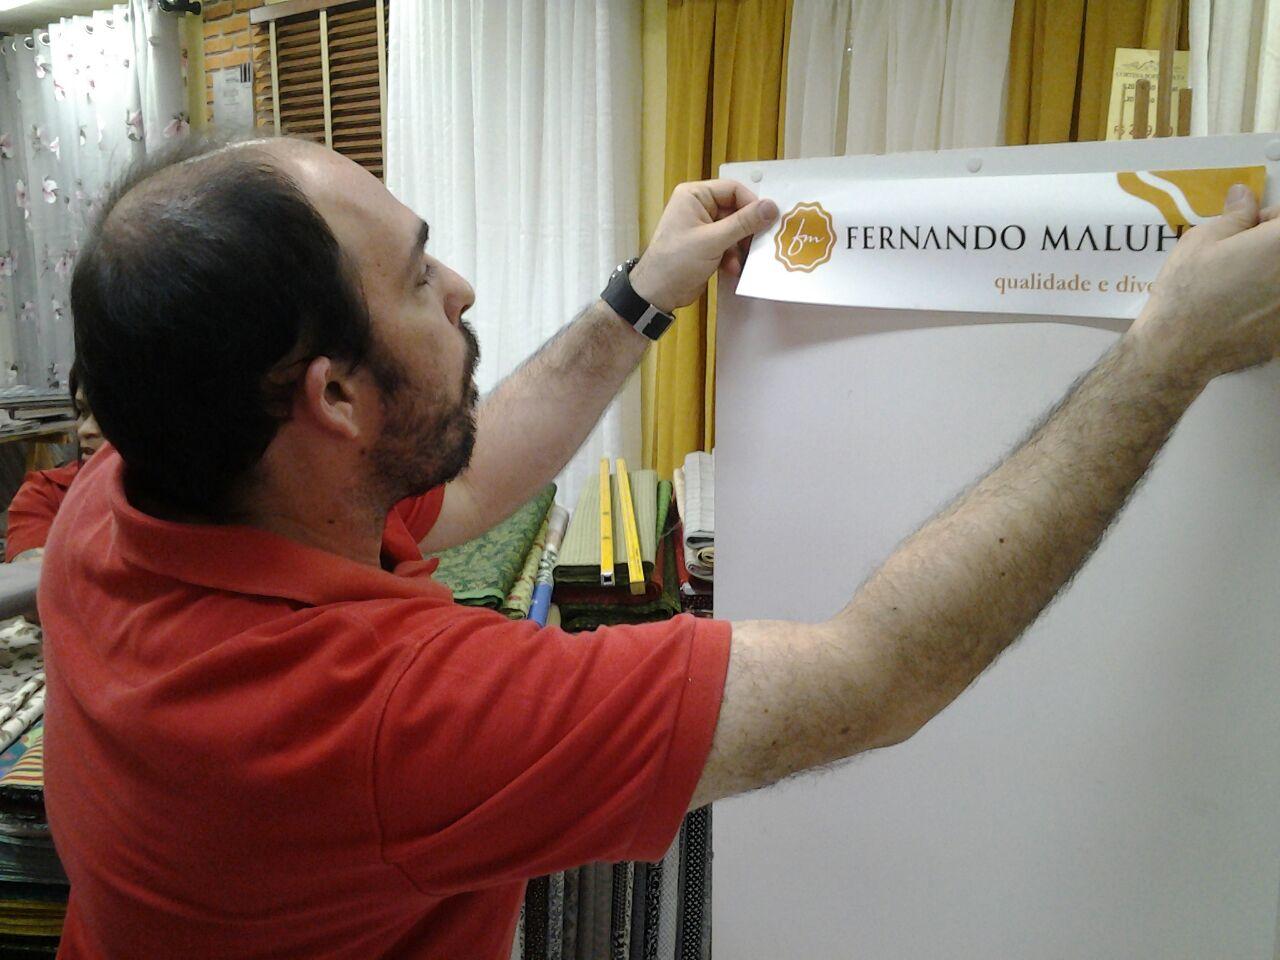 Leonardo - Mega em Megas colando Adesivo Maluhy